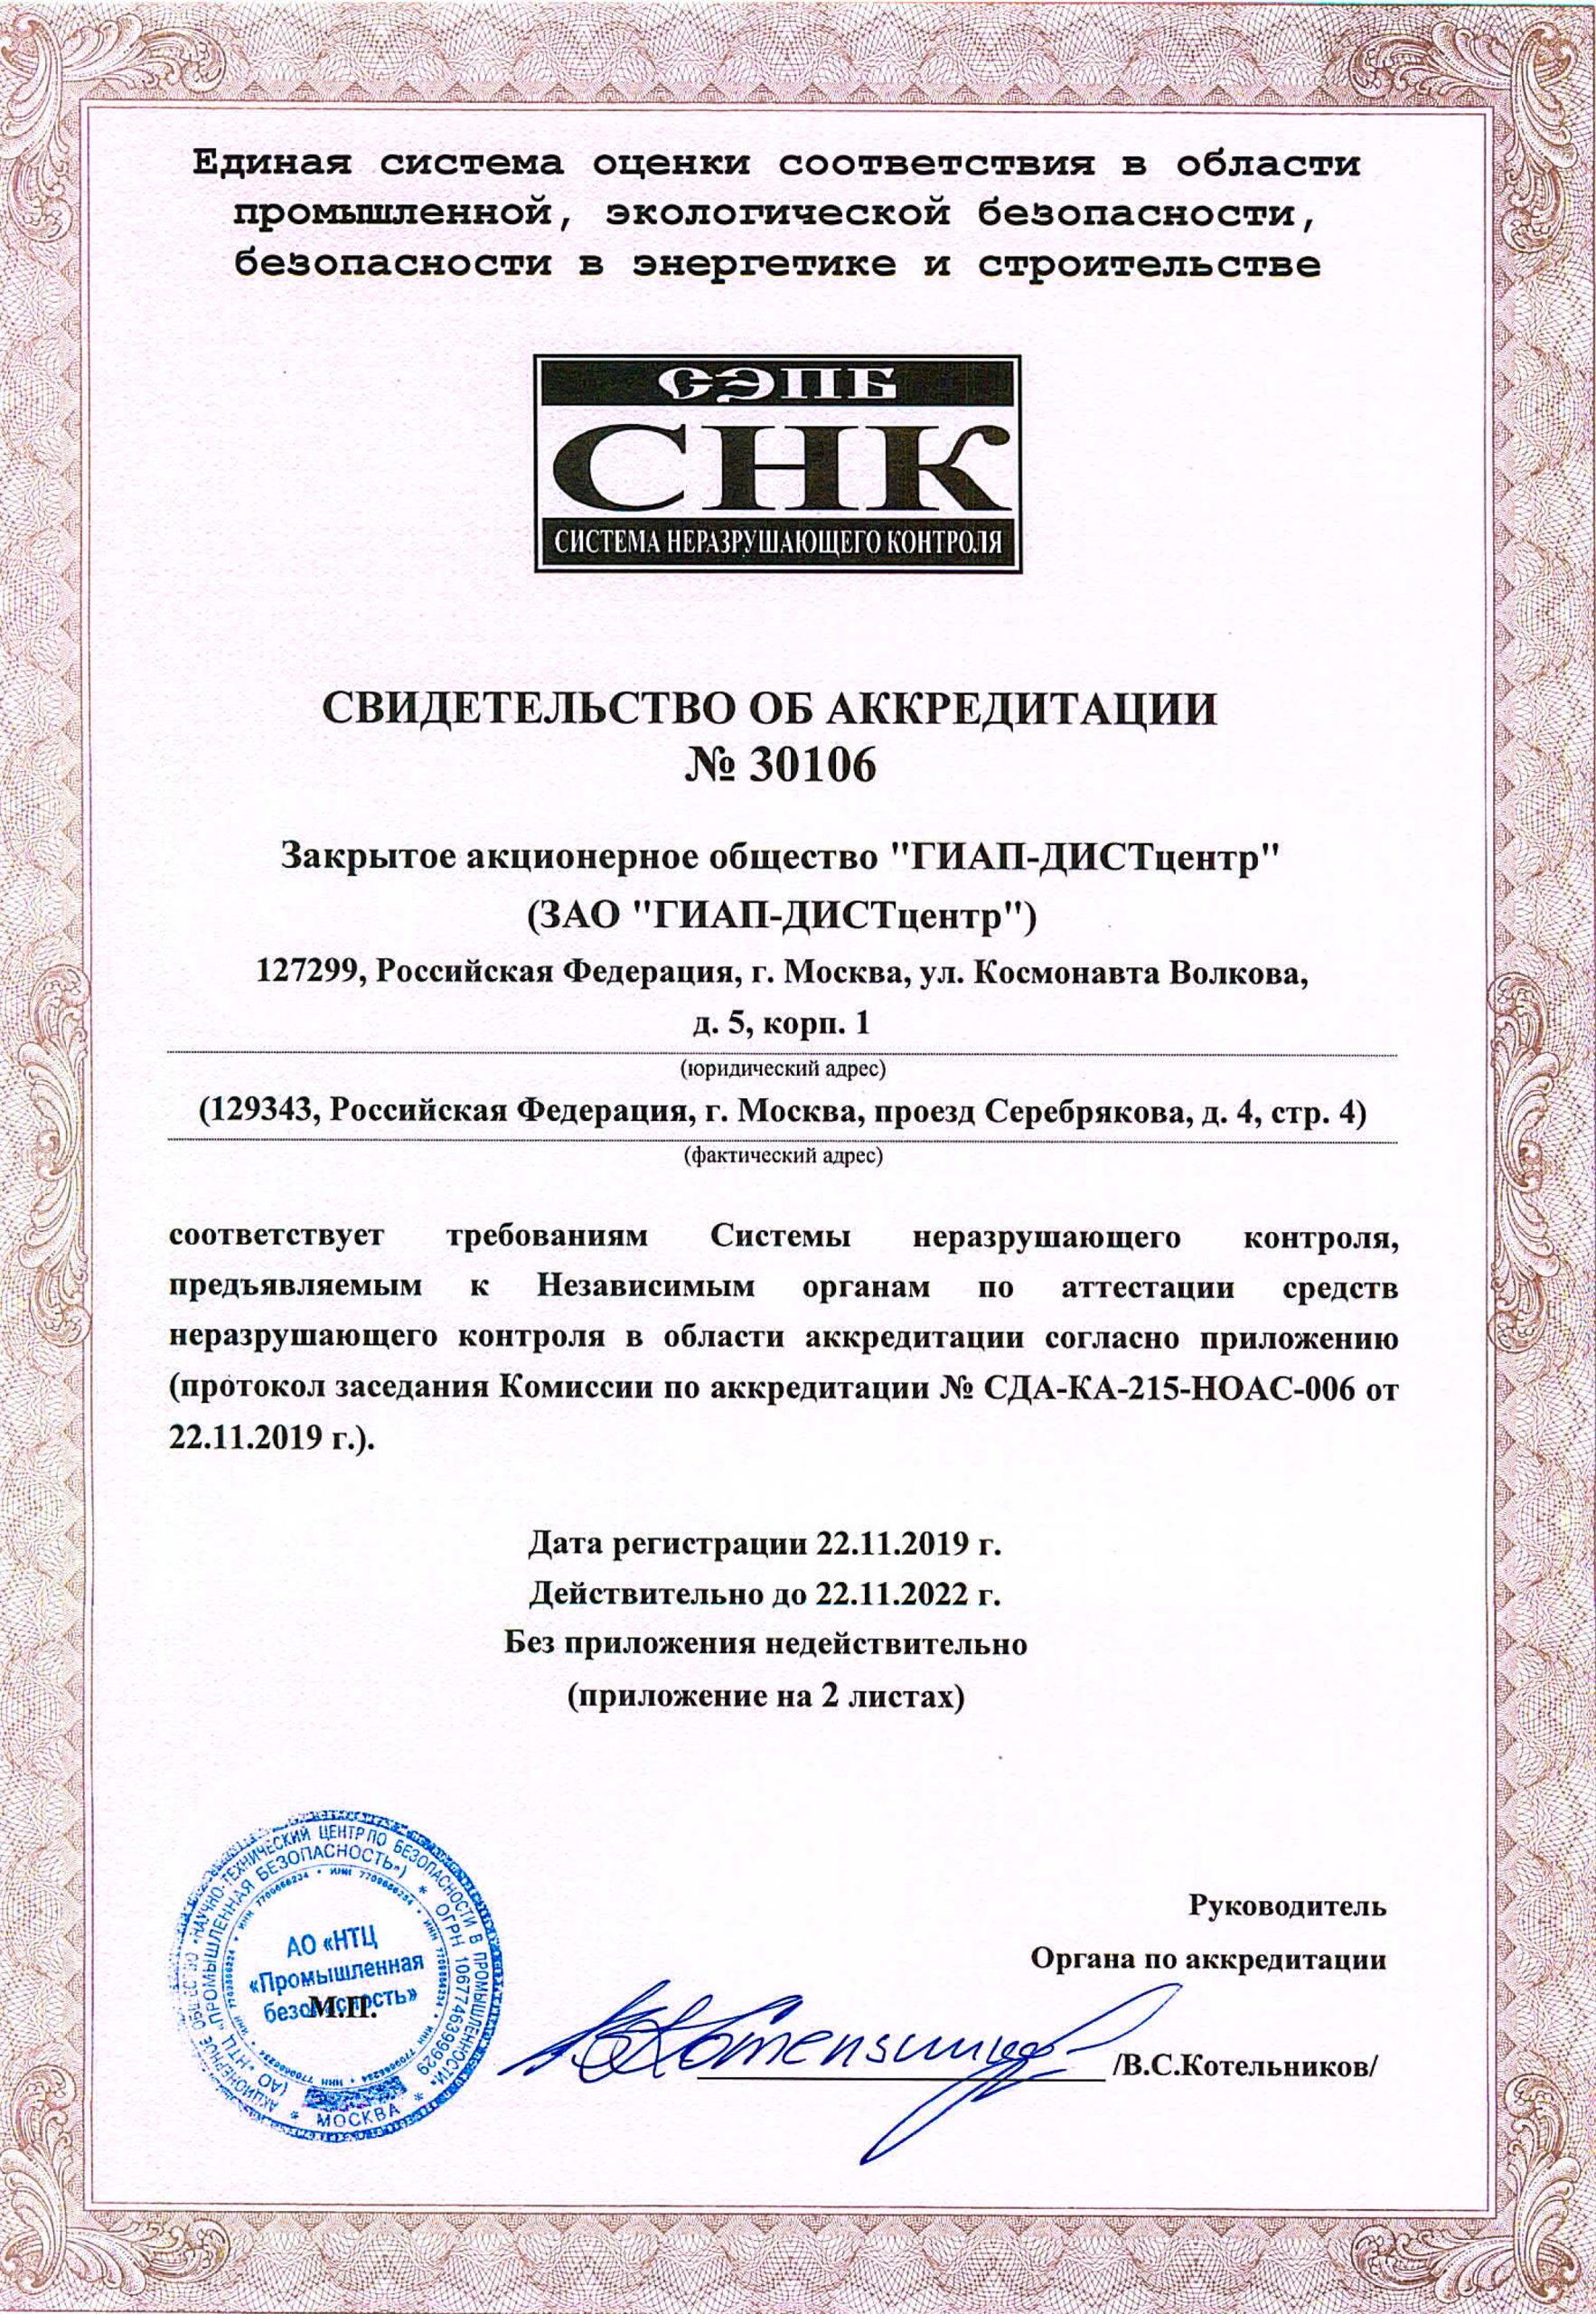 Свидетельство об аккредитации на аттестацию средств контроля